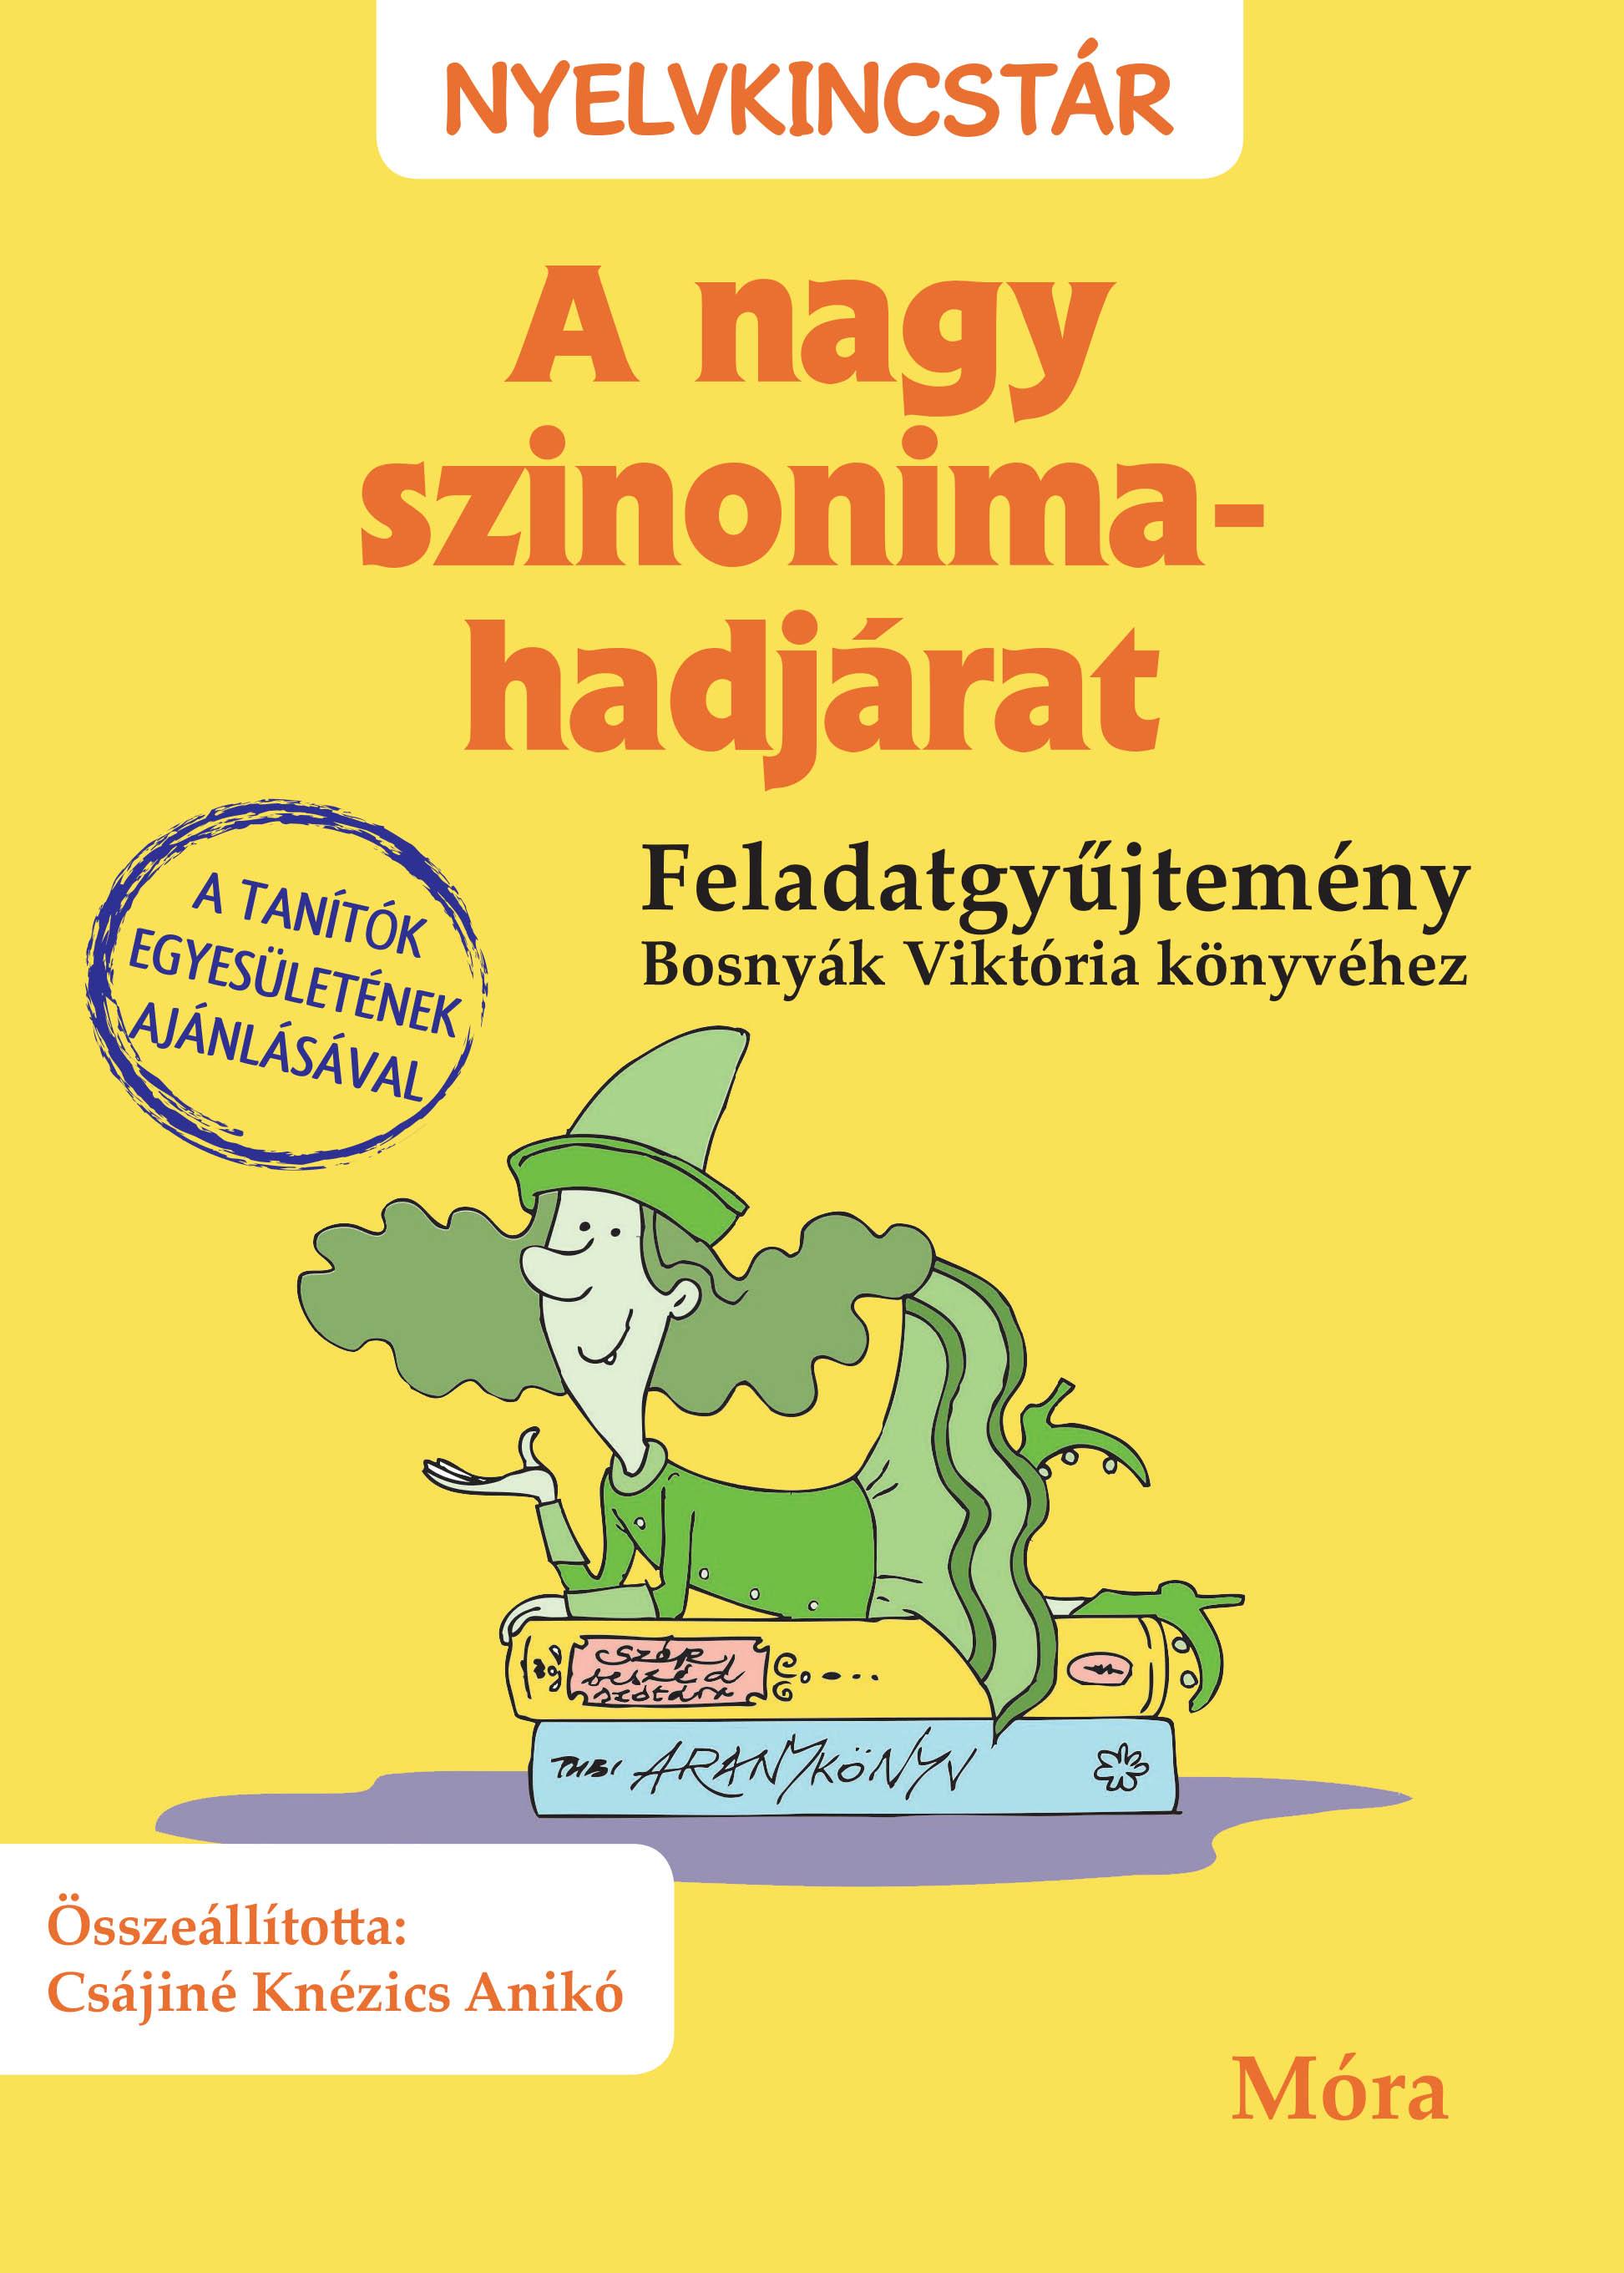 A nagy szinonima-hadjárat - Feladatgyűjtemény Bosnyák Viktória könyvéhez